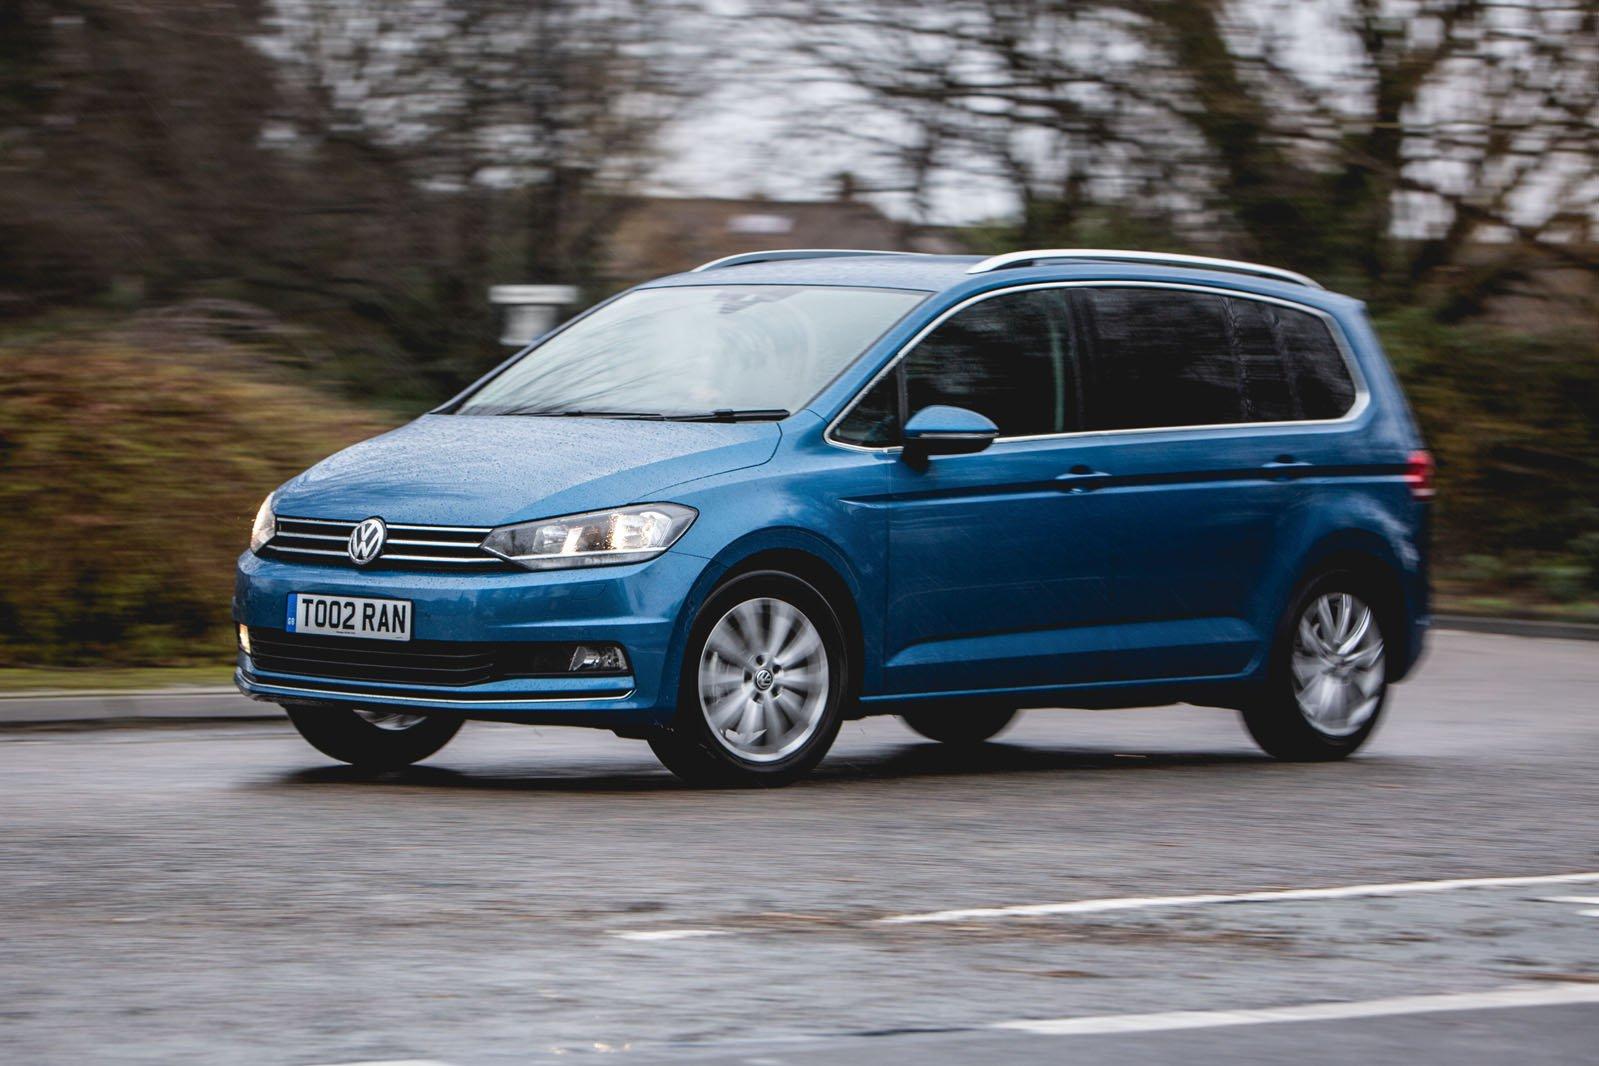 Volkswagen Touran 2019 left panning shot